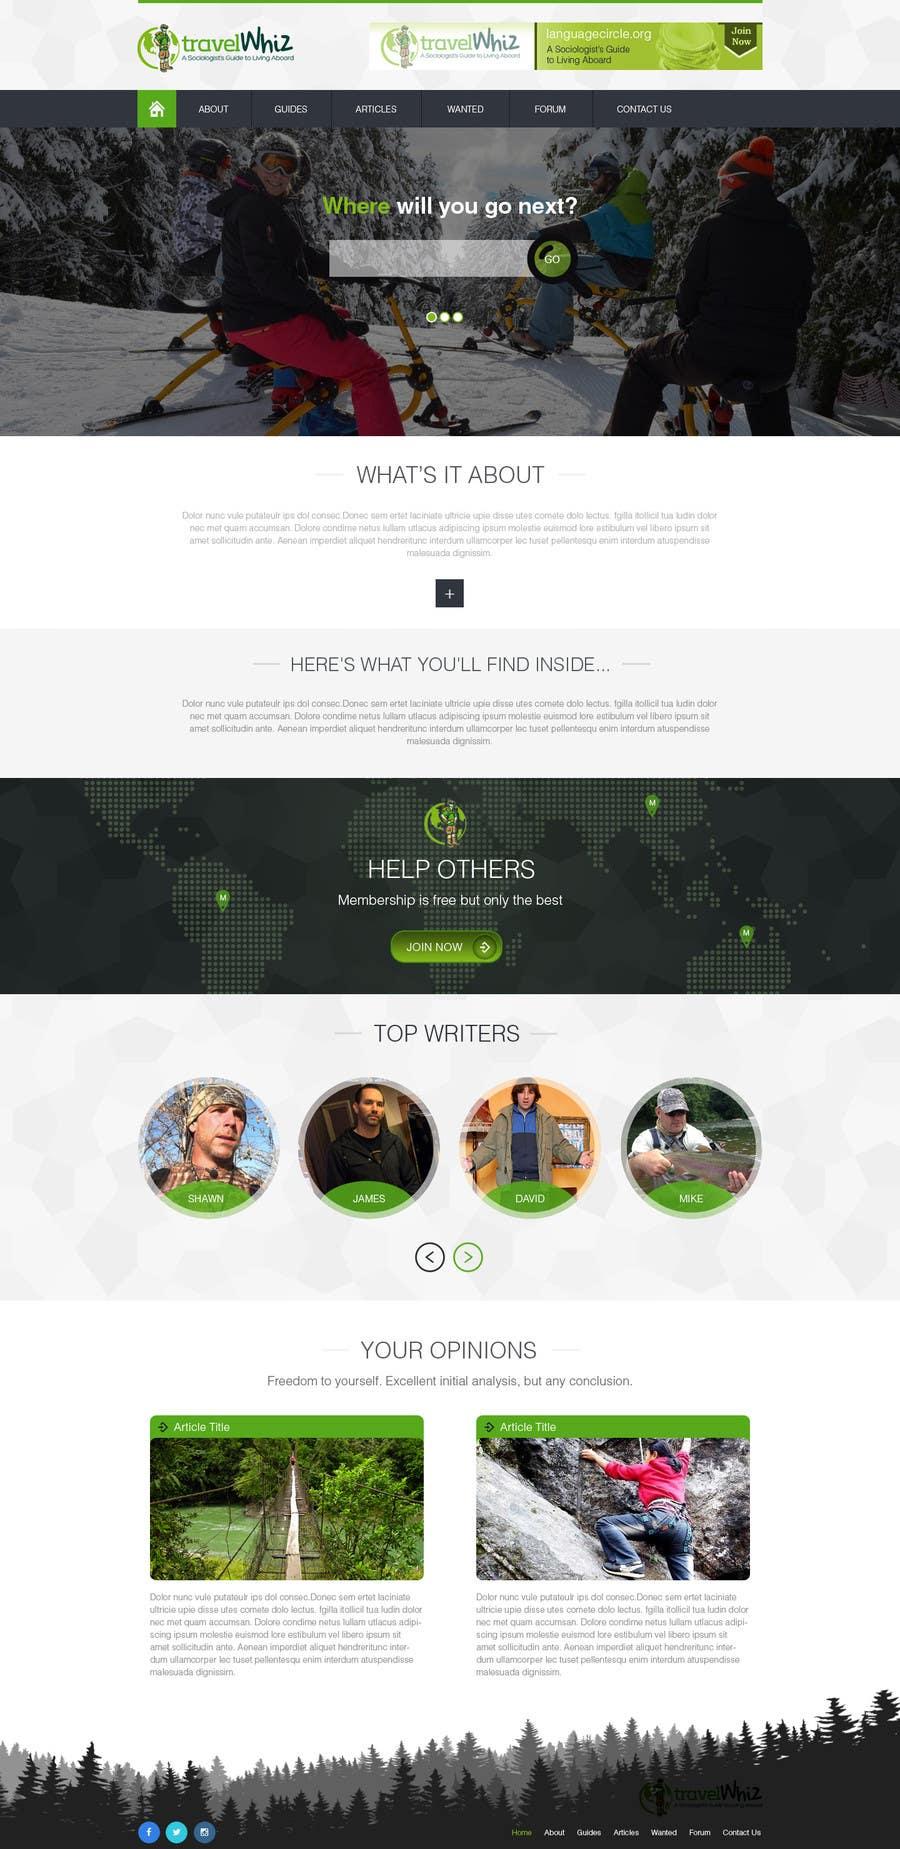 Konkurrenceindlæg #                                        9                                      for                                         Design a Website Mockup for TW